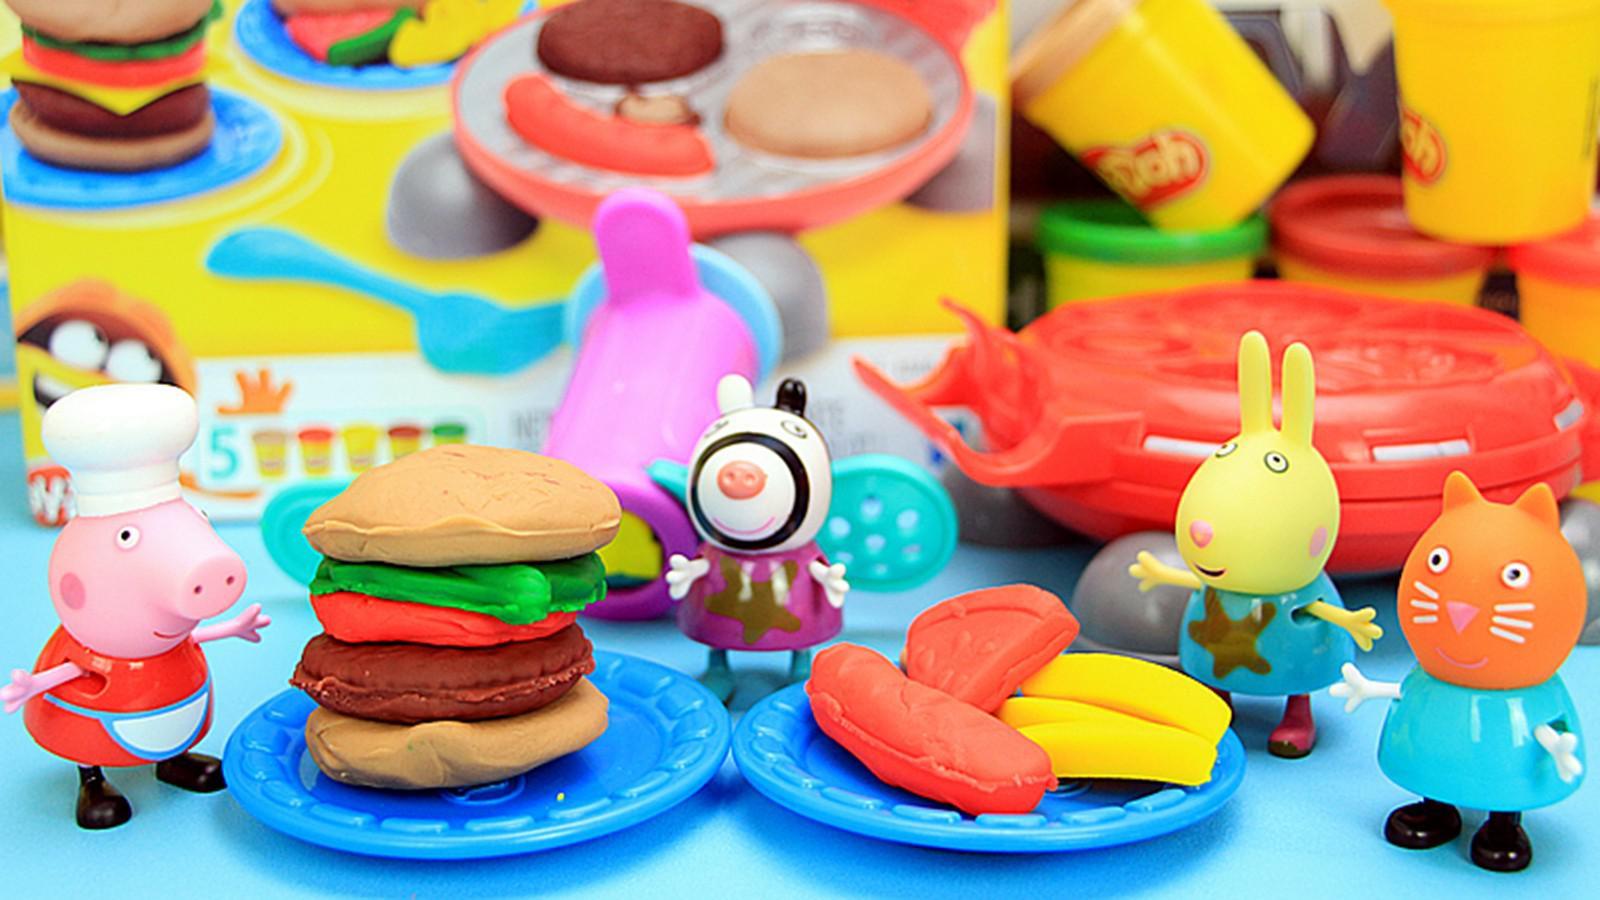 小猪佩奇橡皮泥玩具 趣味橡皮泥汉堡